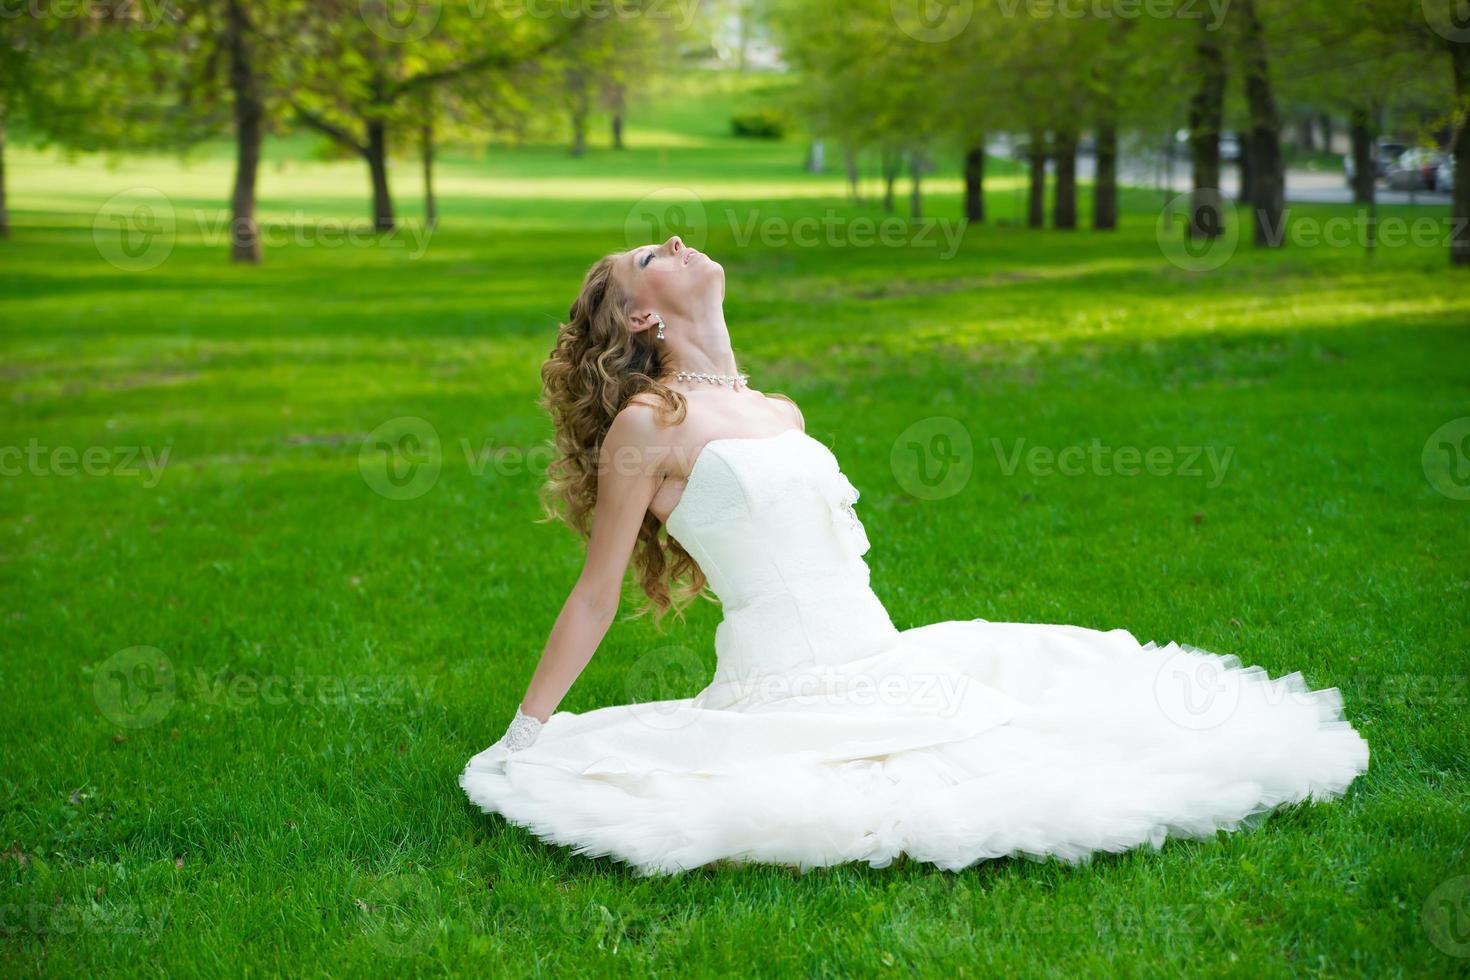 hermosa novia en vestido blanco sobre la hierba verde foto